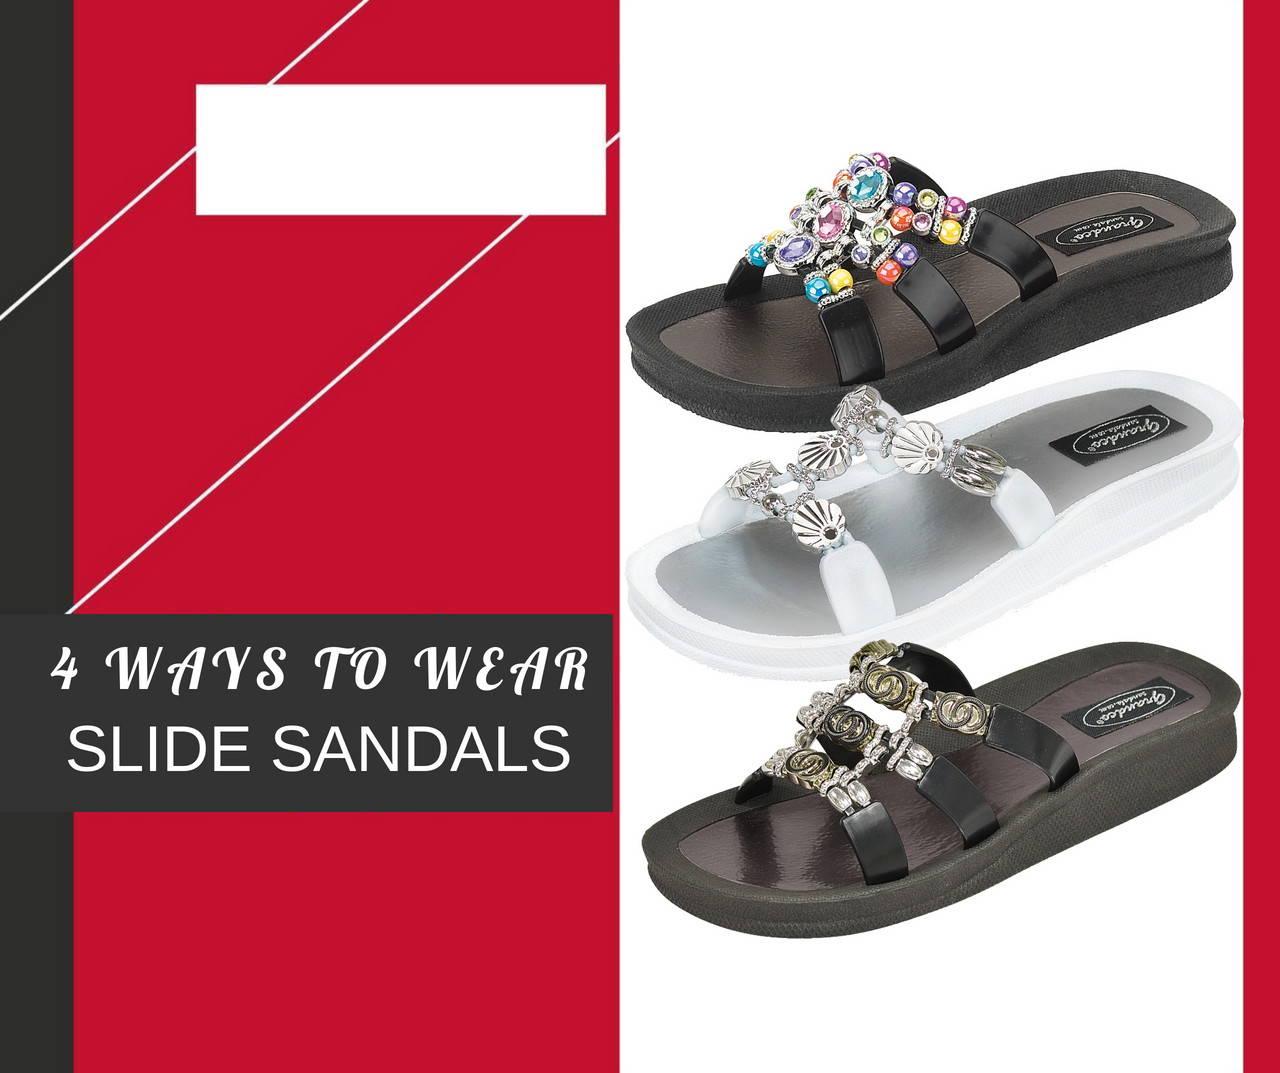 4 Ways to Wear Slide Sandals